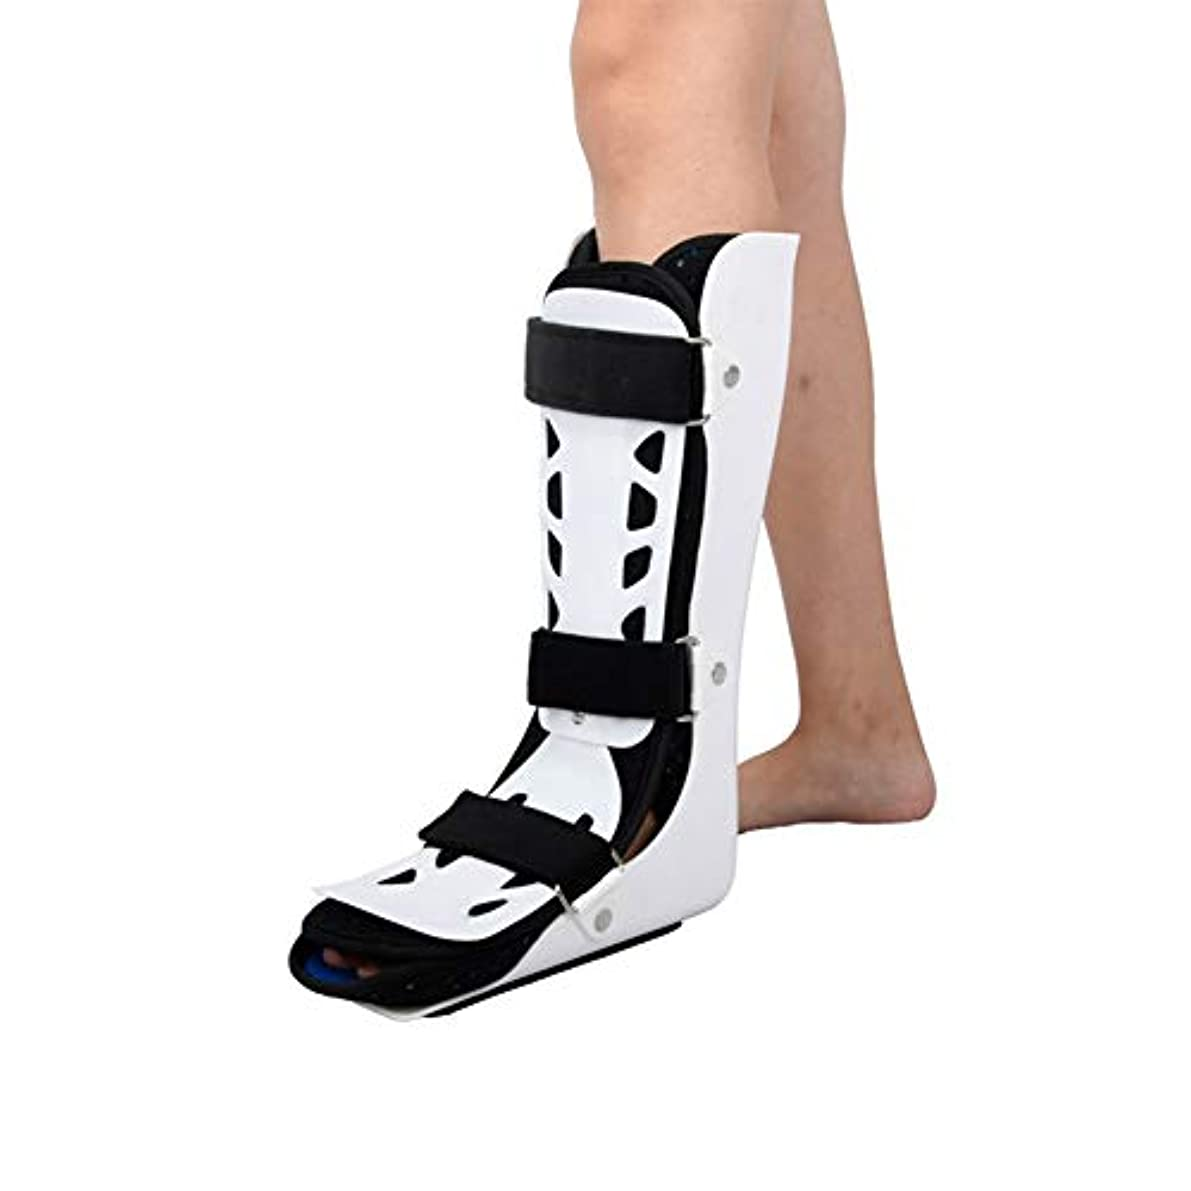 痛いビタミン心のこもった足首サポート アキレス、大人の足首とアキレス腱を骨折し、歩行時の通気性を訓練します。足首を固定します。 (Color : 左, Size : L)